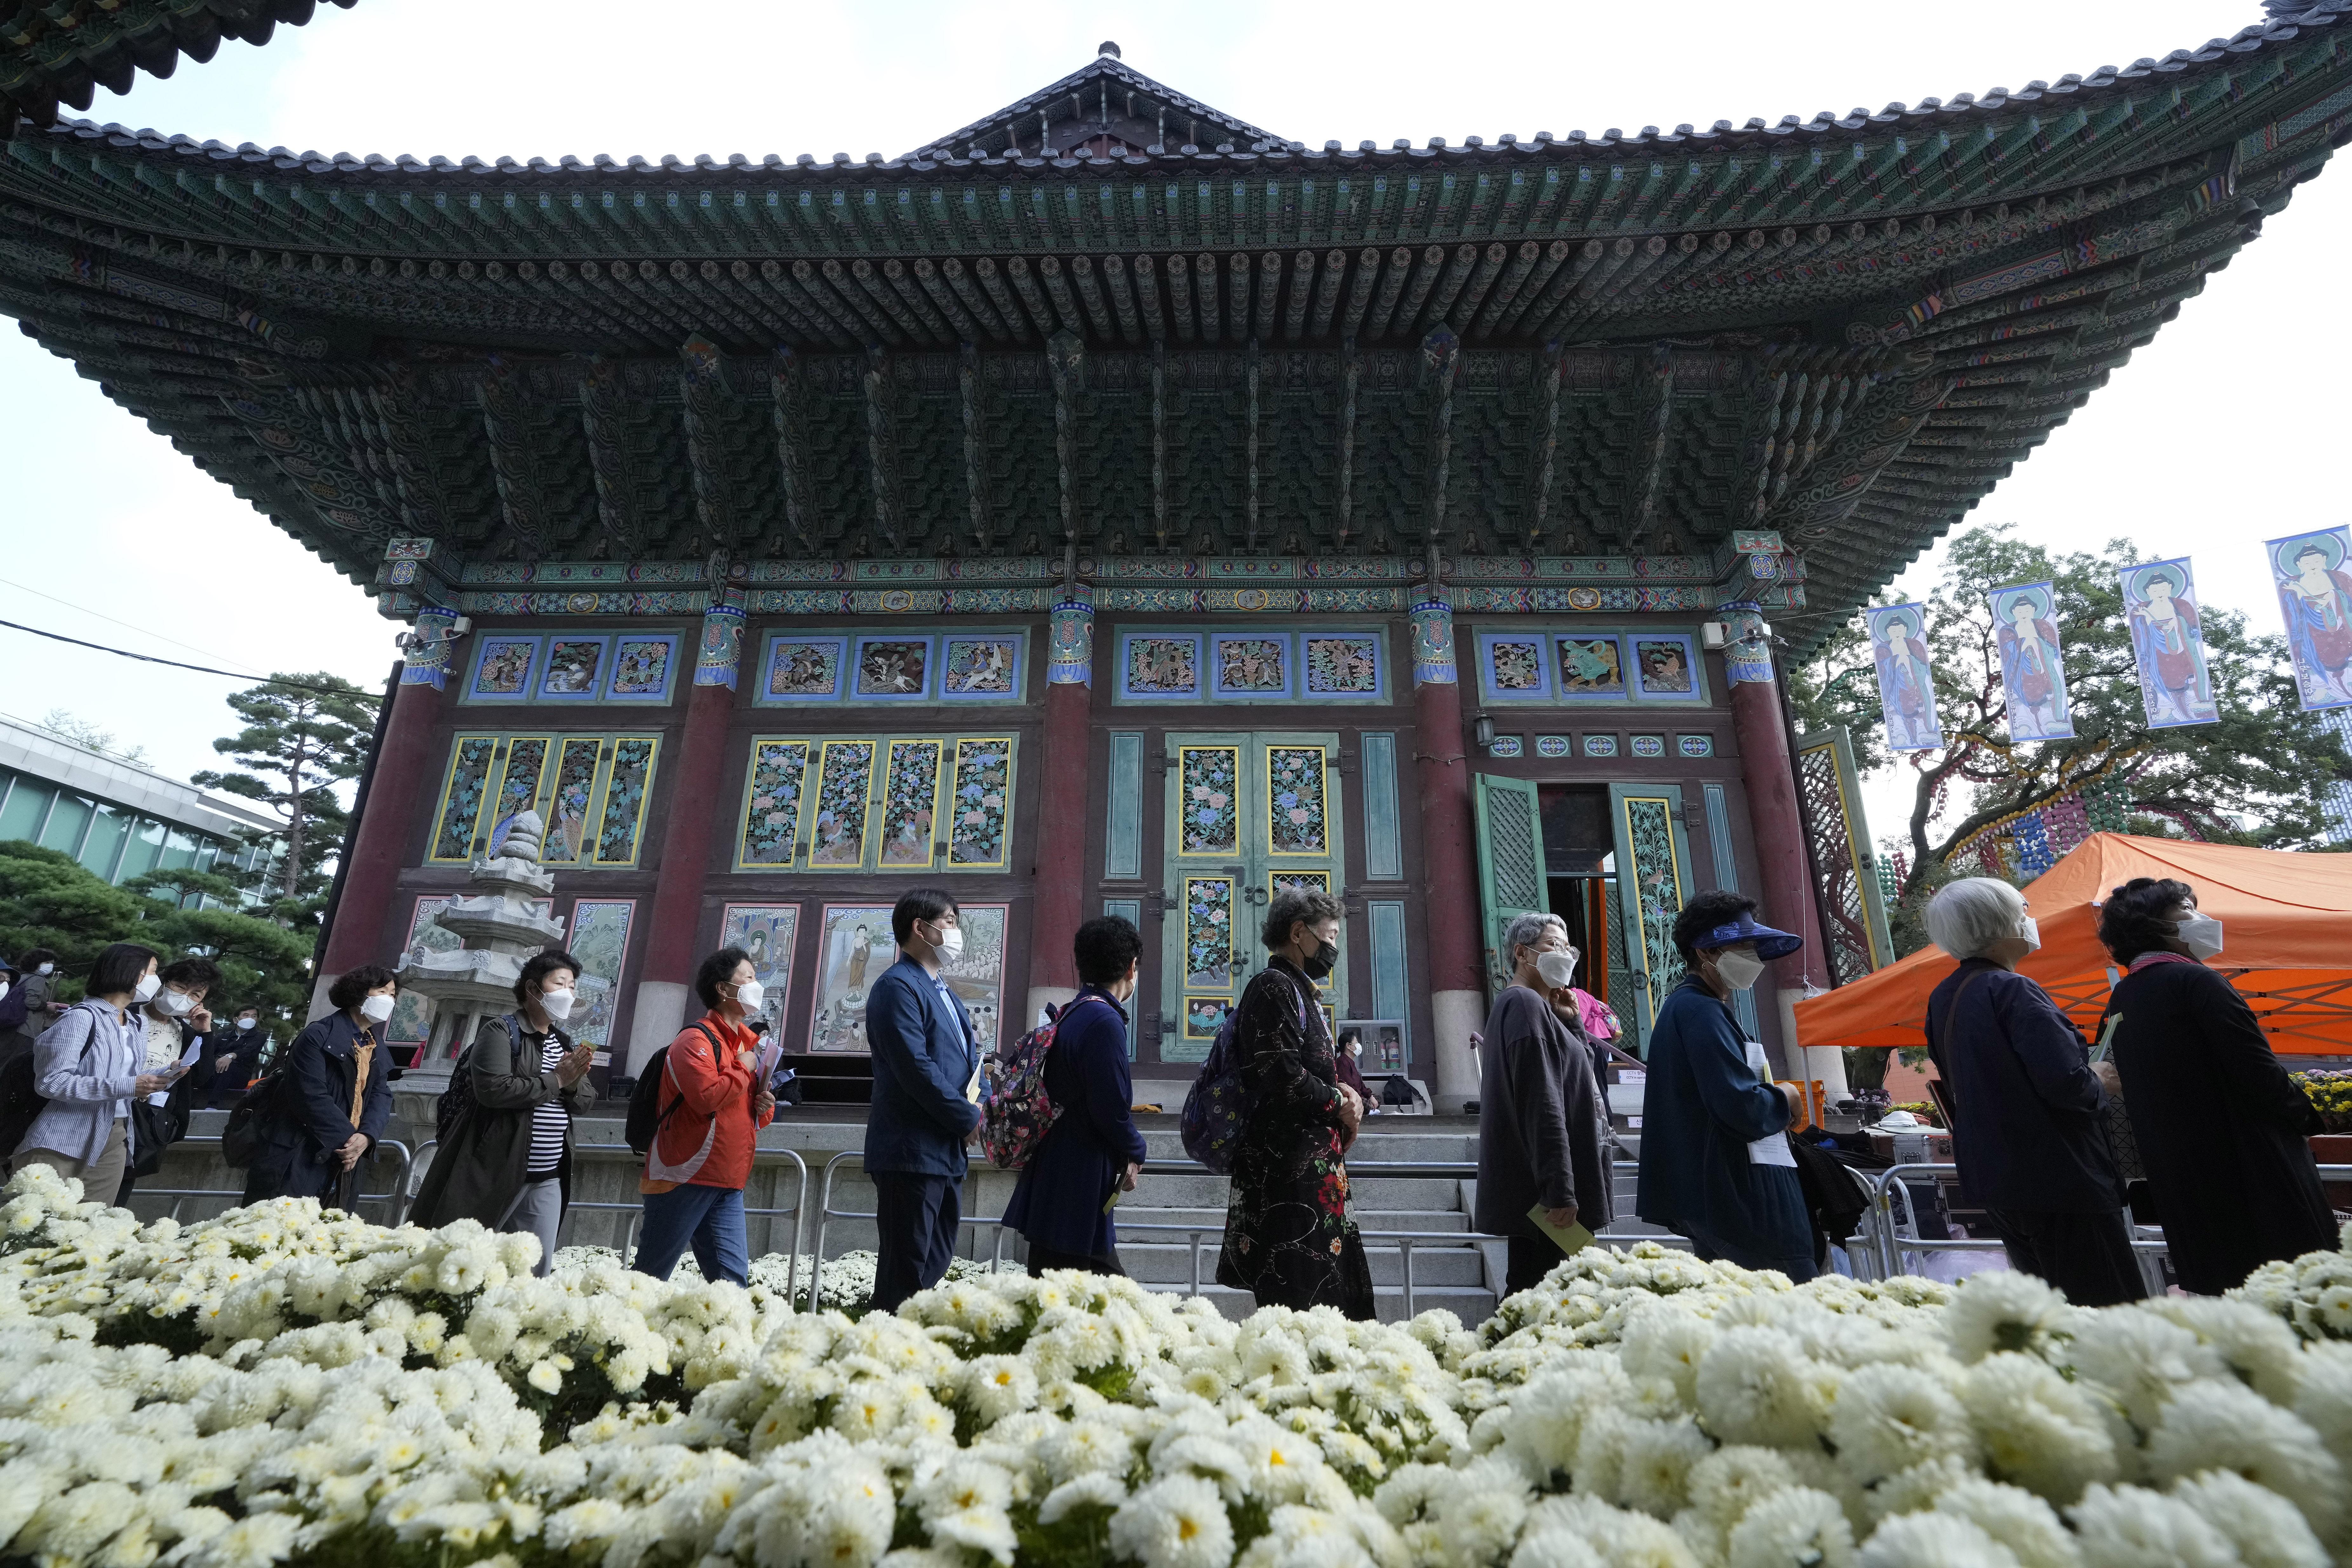 ▲▼南韓民眾14日參與首爾曹溪寺的祭拜活動。(圖/達志影像/美聯社)